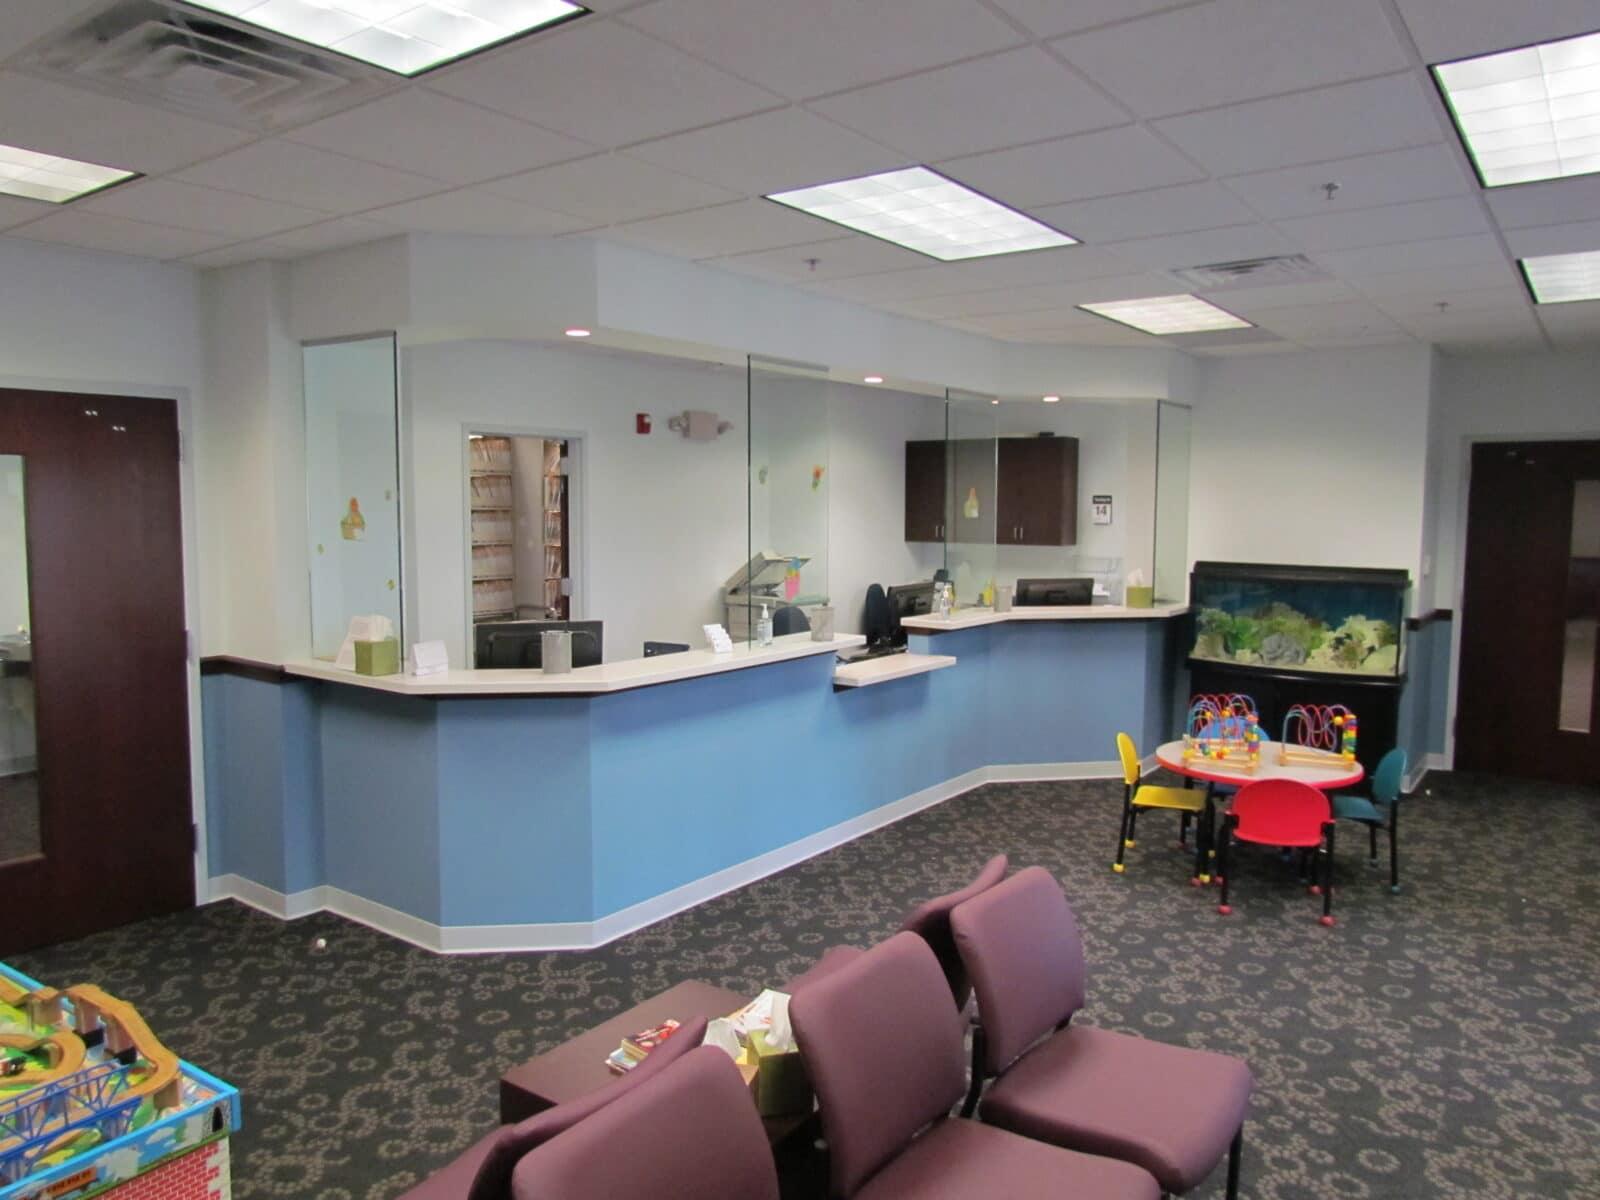 lakeside pediatrics expansion, construction management associates, general contractors